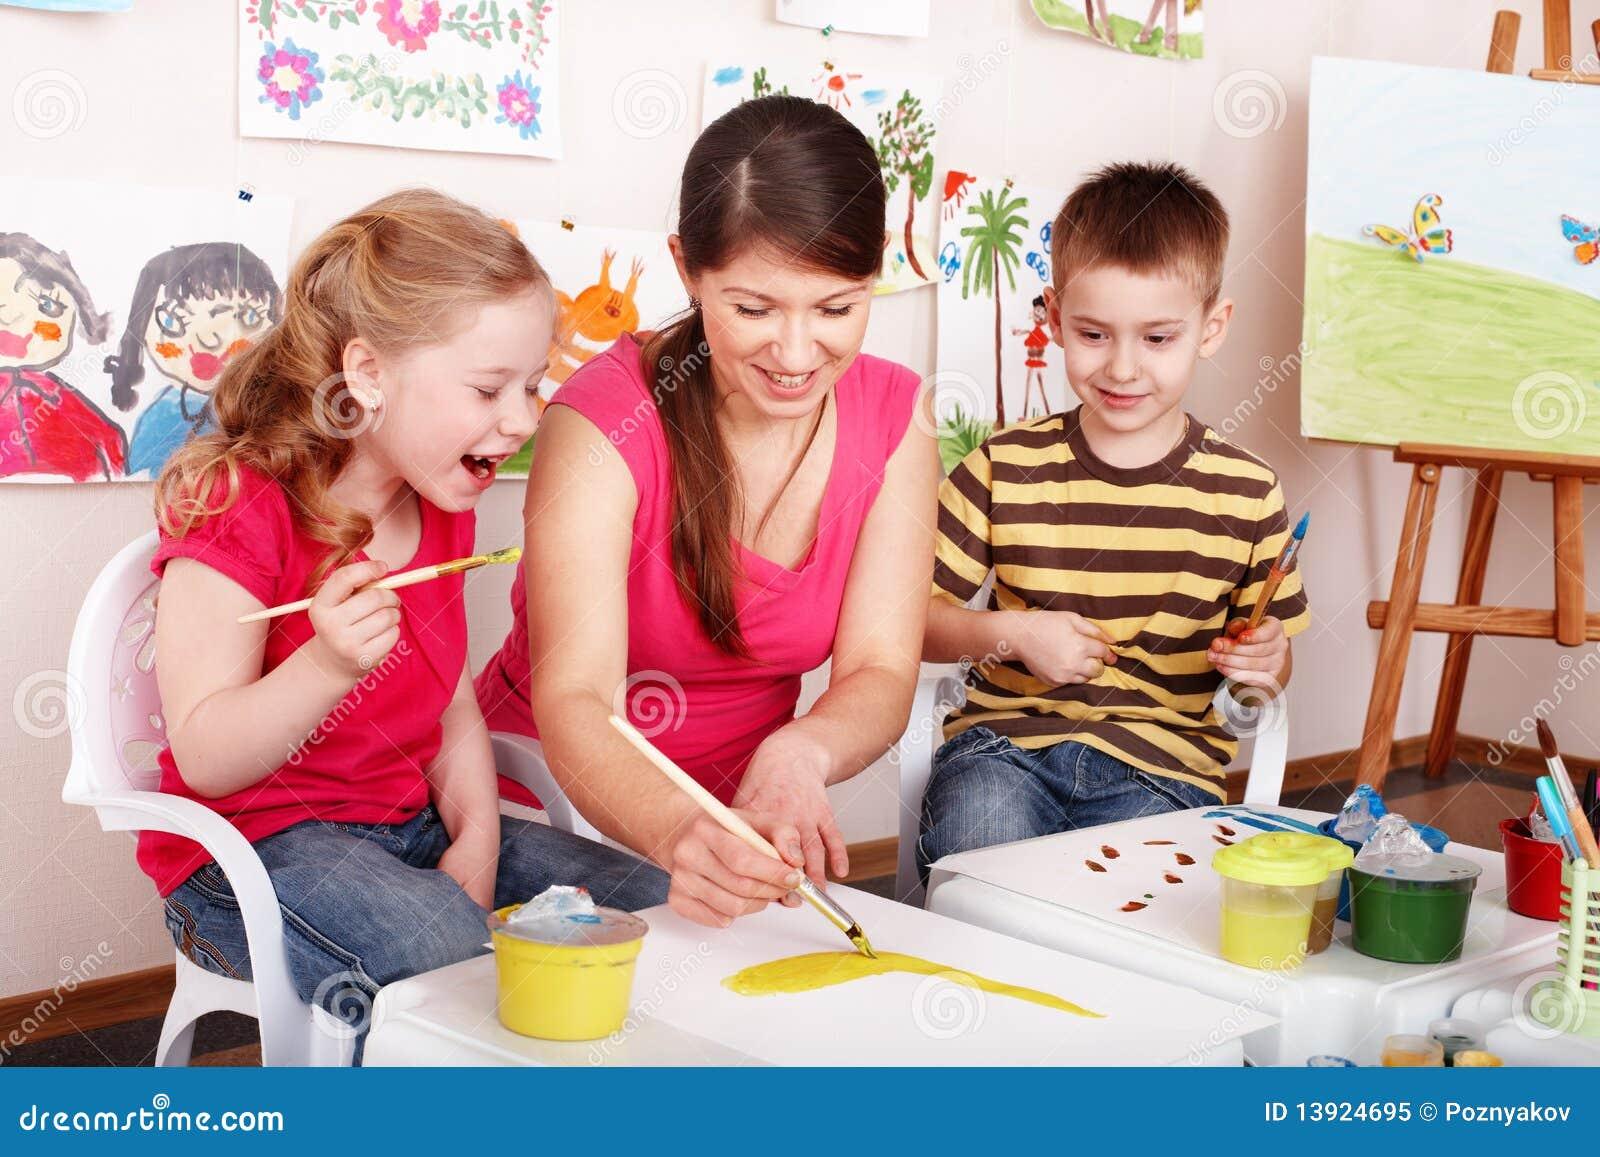 Barndraw målar spelrumlokallärare